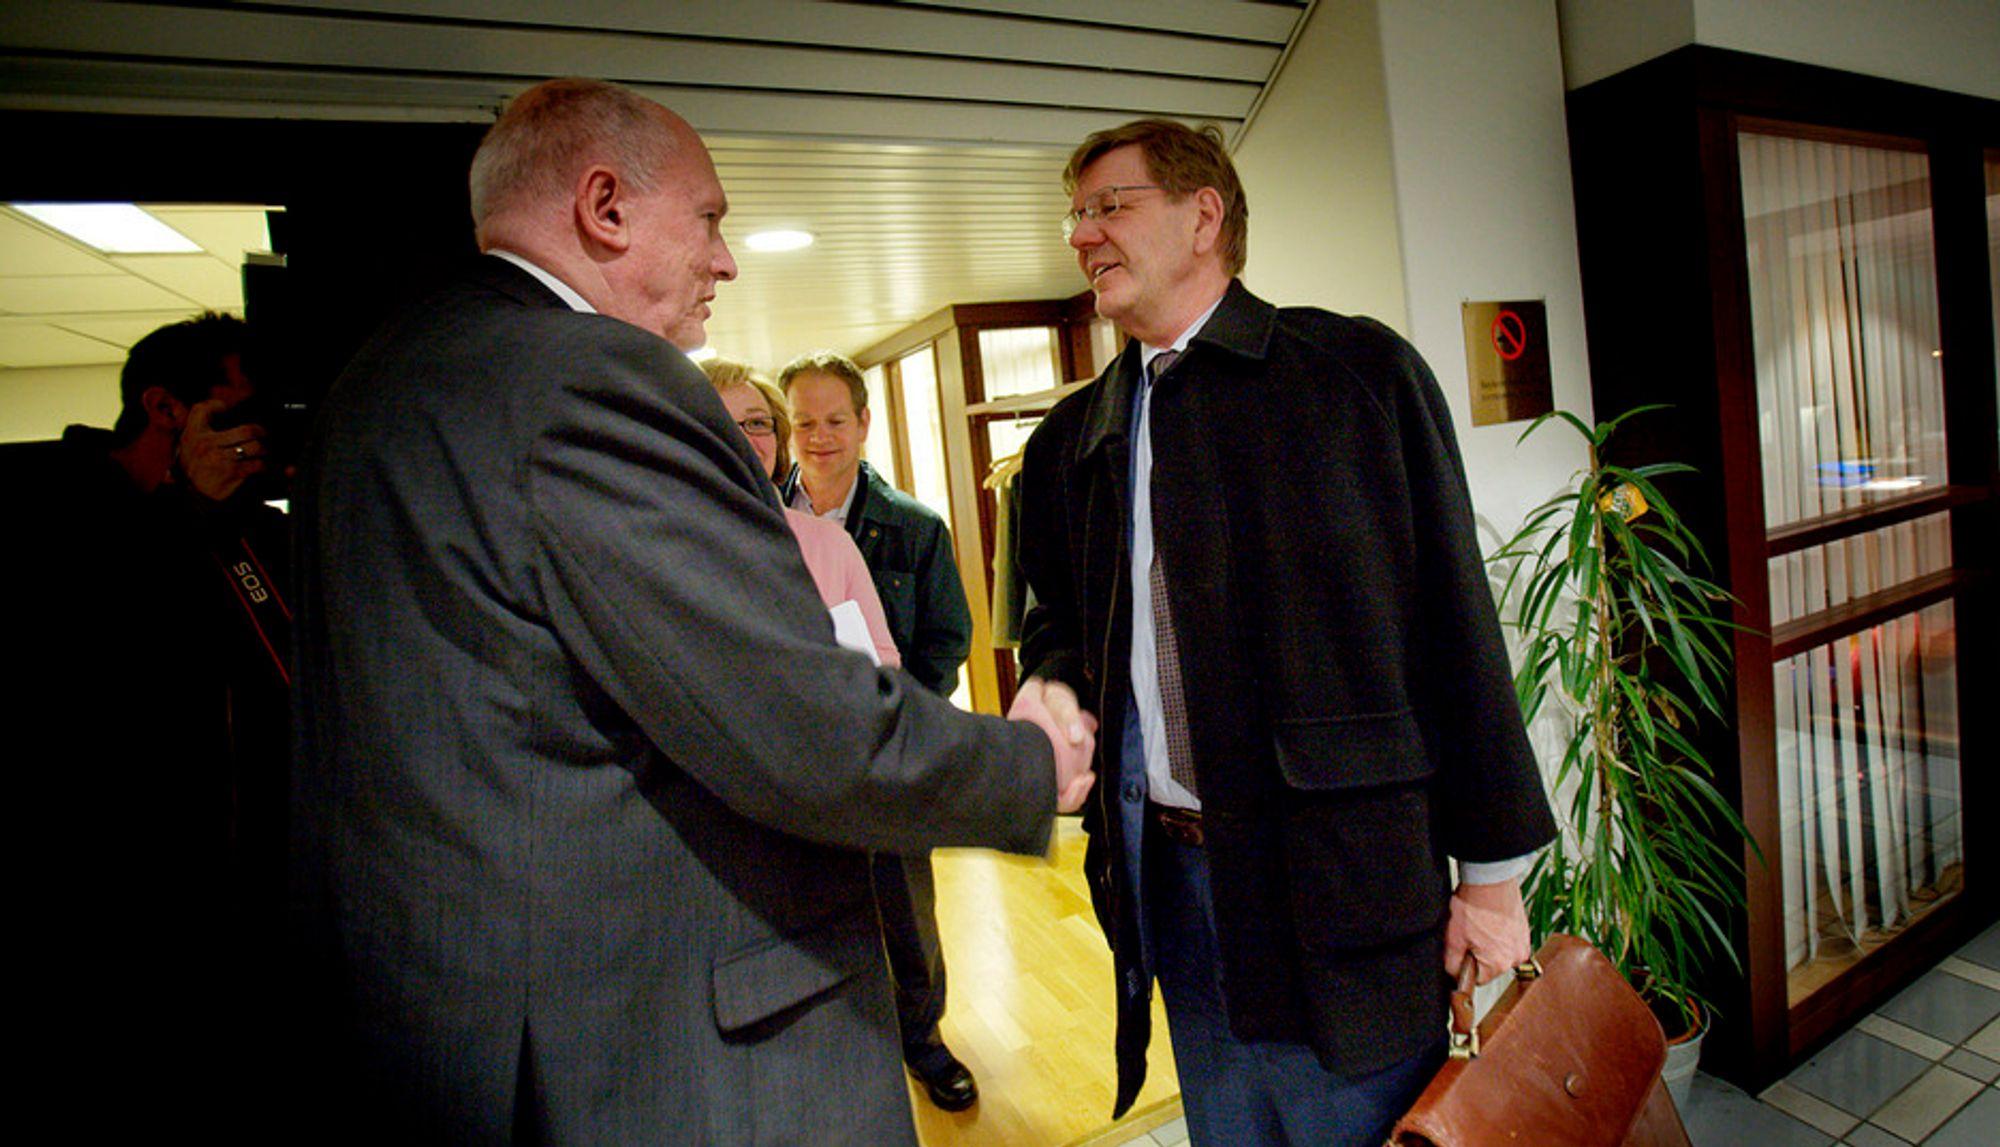 NHO-direktør Finn Bergesen jr og LO-leder Roar Flåthen tok hverandre i hånden etter at LO og NHO kom til enighet i lønnsoppgjøret etter meklingen på overtid onsdag morgen.